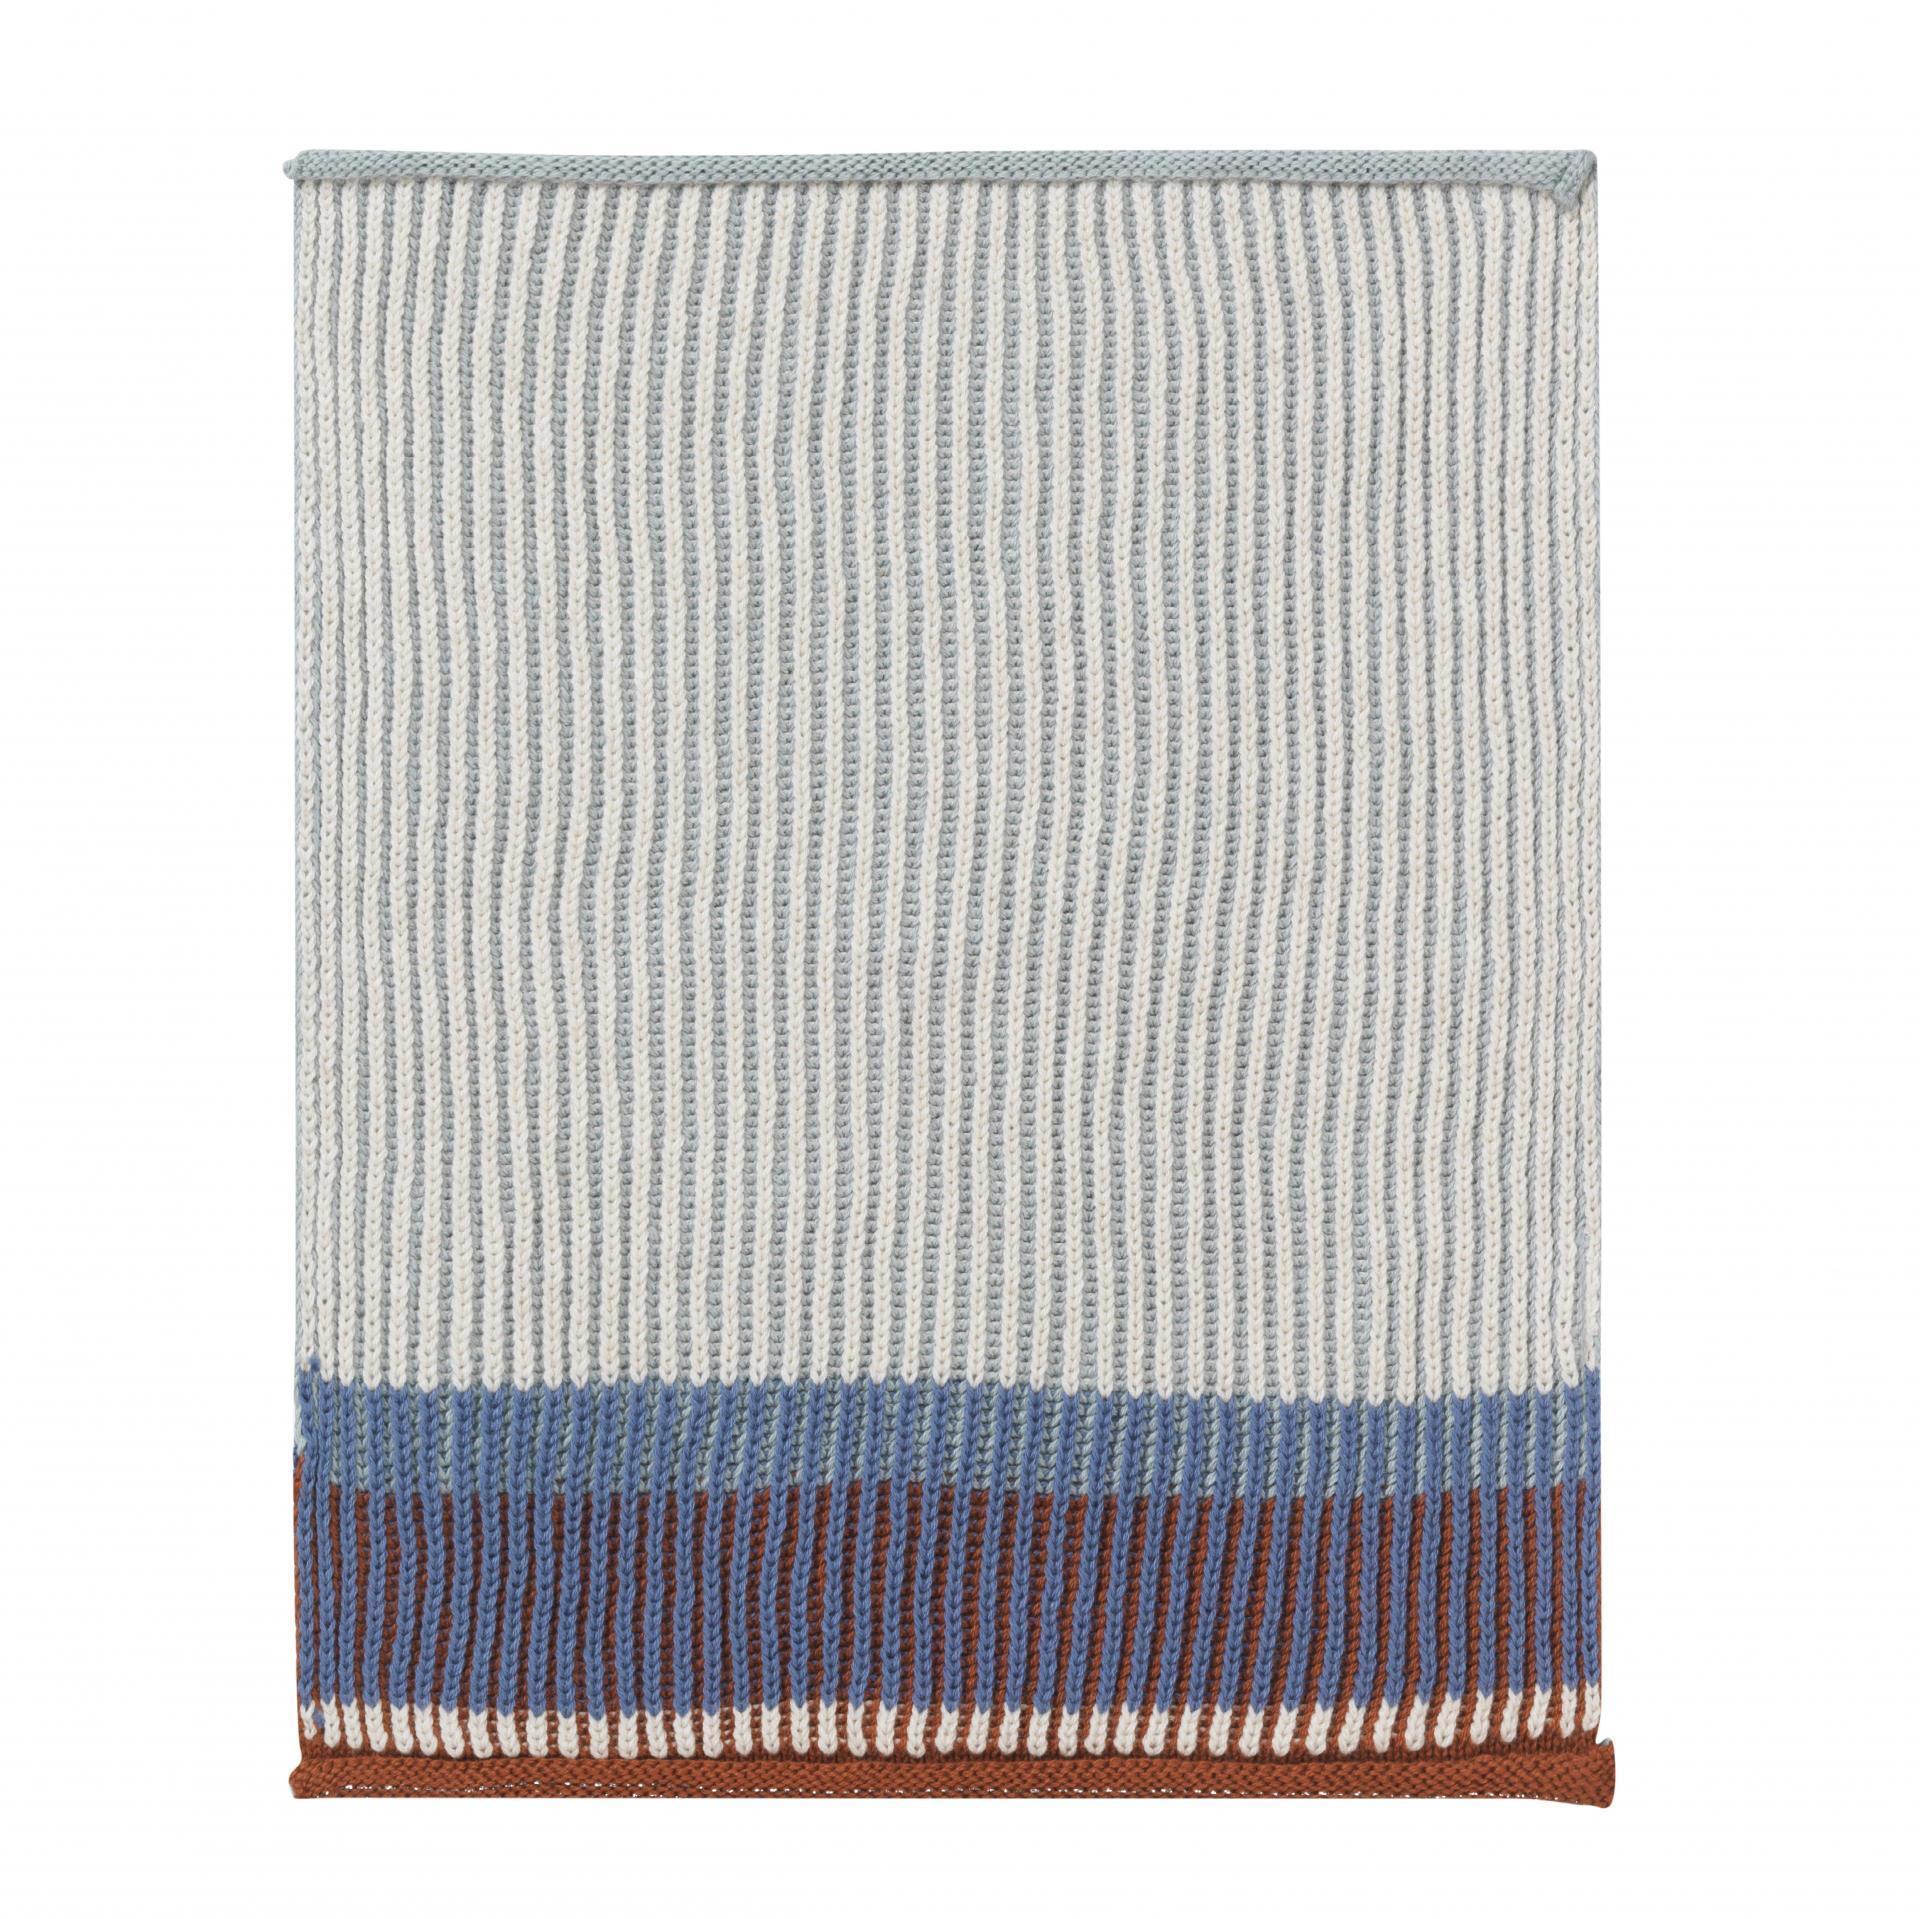 ferm LIVING Pletený hadřík Akin Dull blue - set 2 ks, modrá barva, šedá barva, textil